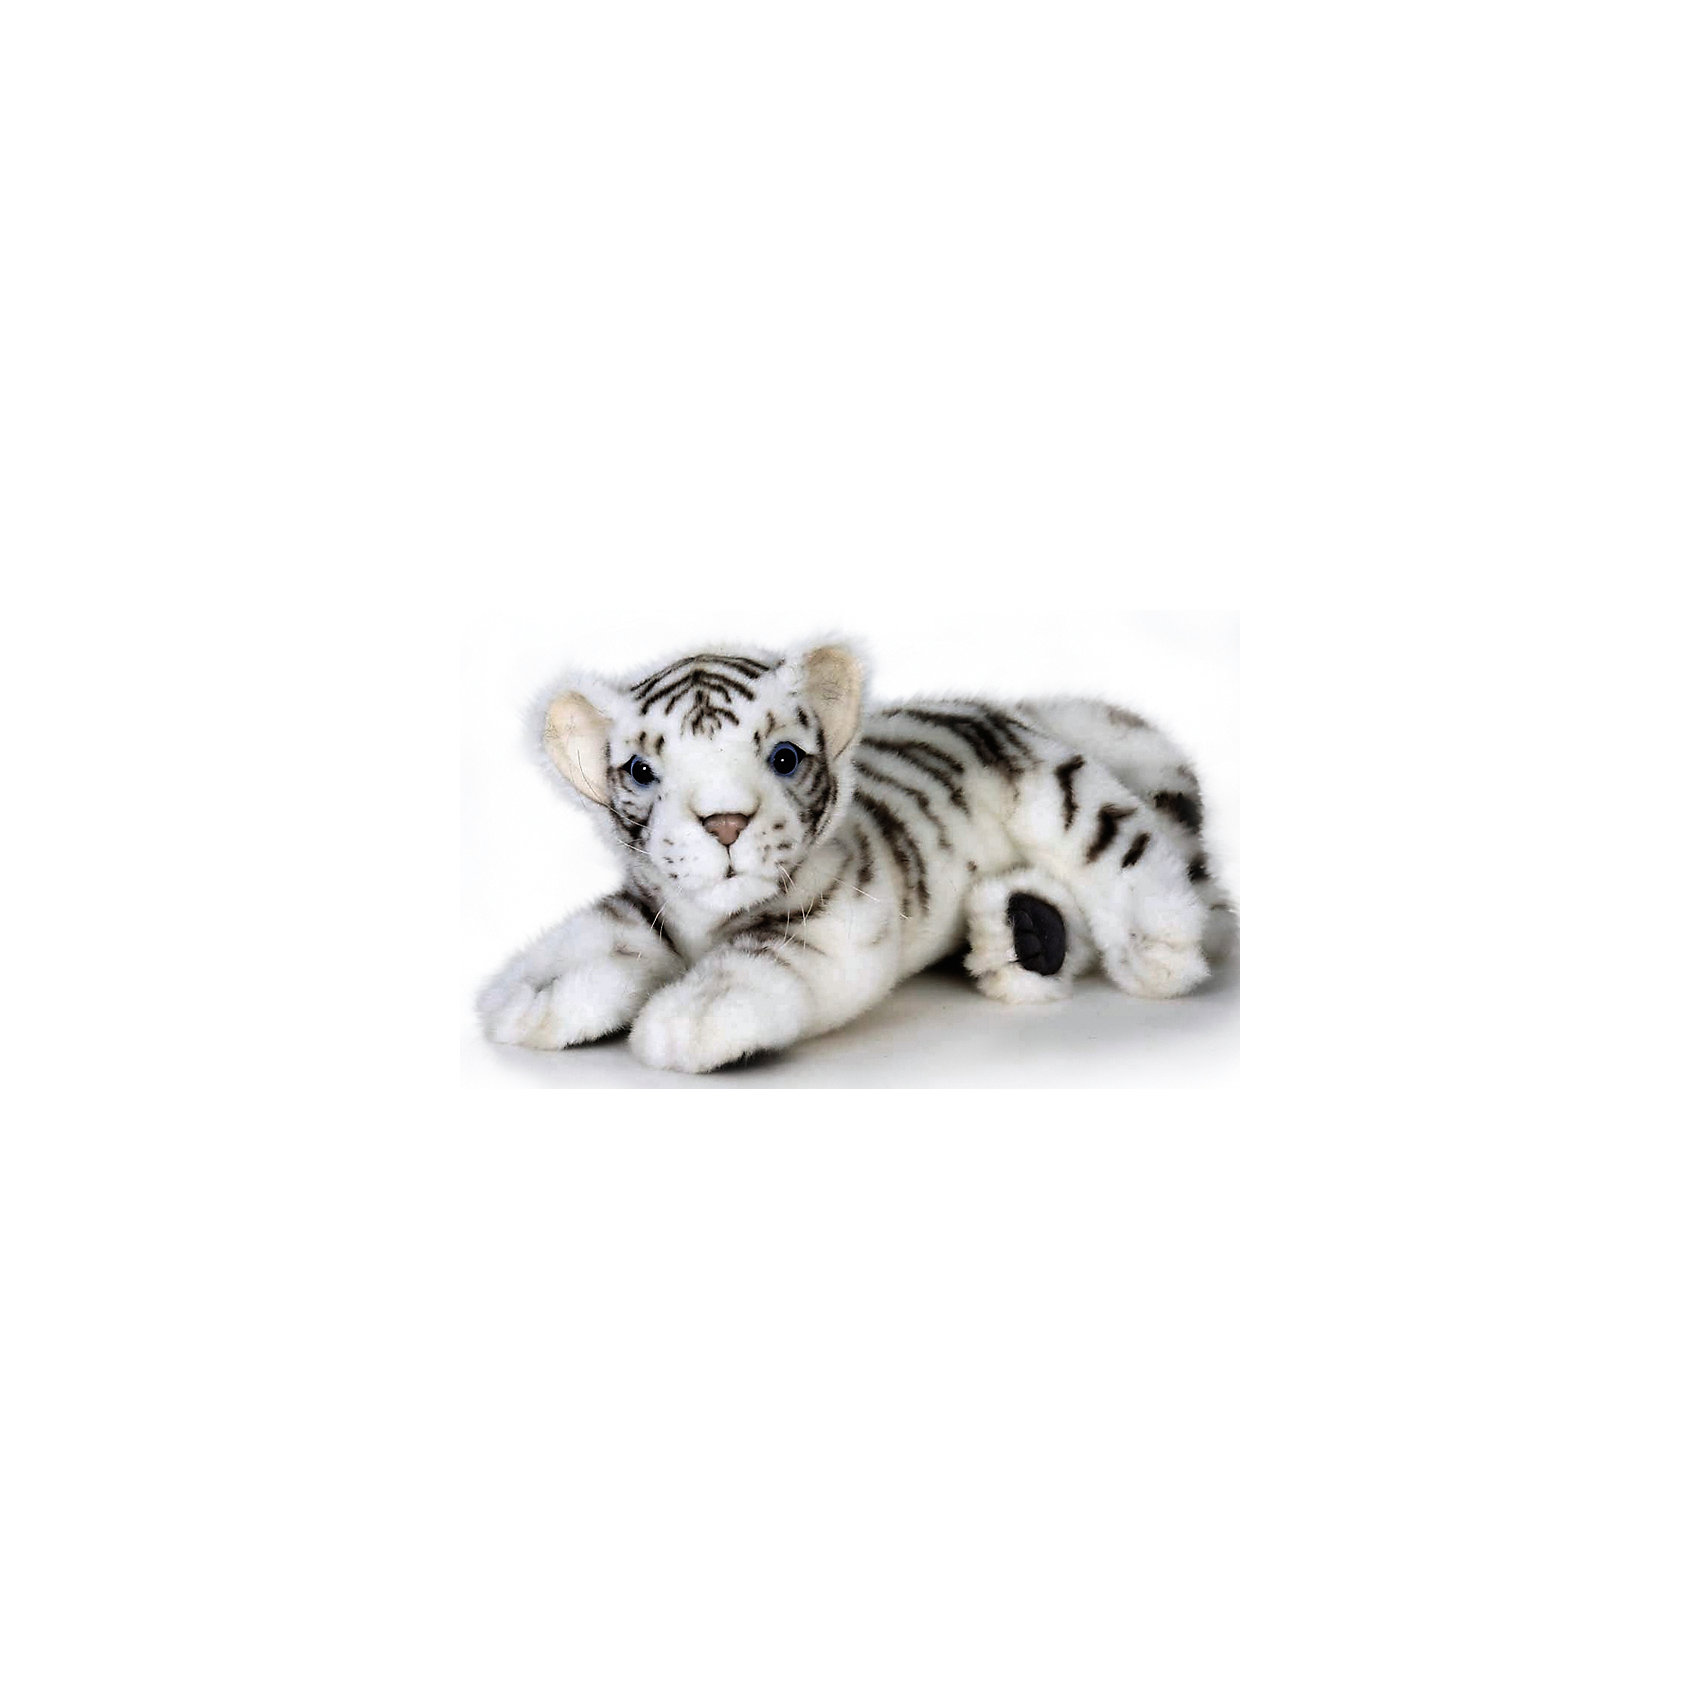 Белый тигренок (лежащий), 26 смМягкие игрушки животные<br>Белый тигренок (лежащий), 26 см – игрушка от знаменитого бренда Hansa, специализирующегося на выпуске мягких игрушек с высокой степенью натуралистичности. Внешний вид игрушечного тигренка полностью соответствует реальному прототипу – детенышу бенгальского тигра. Он выполнен из искусственного меха белого цвета с ворсом средней длины и черными полосками. Использованные материалы обладают гипоаллергенными свойствами. Внутри игрушки имеется металлический каркас, позволяющий изменять положение. <br>Игрушка относится к серии Дикие животные. <br>Мягкие игрушки от Hansa подходят для сюжетно-ролевых игр, для обучающих игр, направленных на знакомство с животным миром дикой природы. Кроме того, их можно использовать в качестве интерьерных игрушек. Коллекция из нескольких игрушек позволяет создать свой домашний зоопарк, который будет радовать вашего ребенка долгое время, так как ручная работа и качественные материалы гарантируют их долговечность и прочность.<br><br>Дополнительная информация:<br><br>- Вид игр: сюжетно-ролевые игры, коллекционирование, интерьерные игрушки<br>- Предназначение: для дома, для детских развивающих центров, для детских садов<br>- Материал: искусственный мех, наполнитель ? полиэфирное волокно<br>- Размер (ДхШхВ): 26*14*15 см<br>- Вес: 315 г<br>- Особенности ухода: сухая чистка при помощи пылесоса или щетки для одежды<br><br>Подробнее:<br><br>• Для детей в возрасте: от 3 лет <br>• Страна производитель: Филиппины<br>• Торговый бренд: Hansa<br><br>Белый тигренок (лежащий), 26 см можно купить в нашем интернет-магазине.<br><br>Ширина мм: 26<br>Глубина мм: 14<br>Высота мм: 15<br>Вес г: 315<br>Возраст от месяцев: 36<br>Возраст до месяцев: 2147483647<br>Пол: Унисекс<br>Возраст: Детский<br>SKU: 4927209